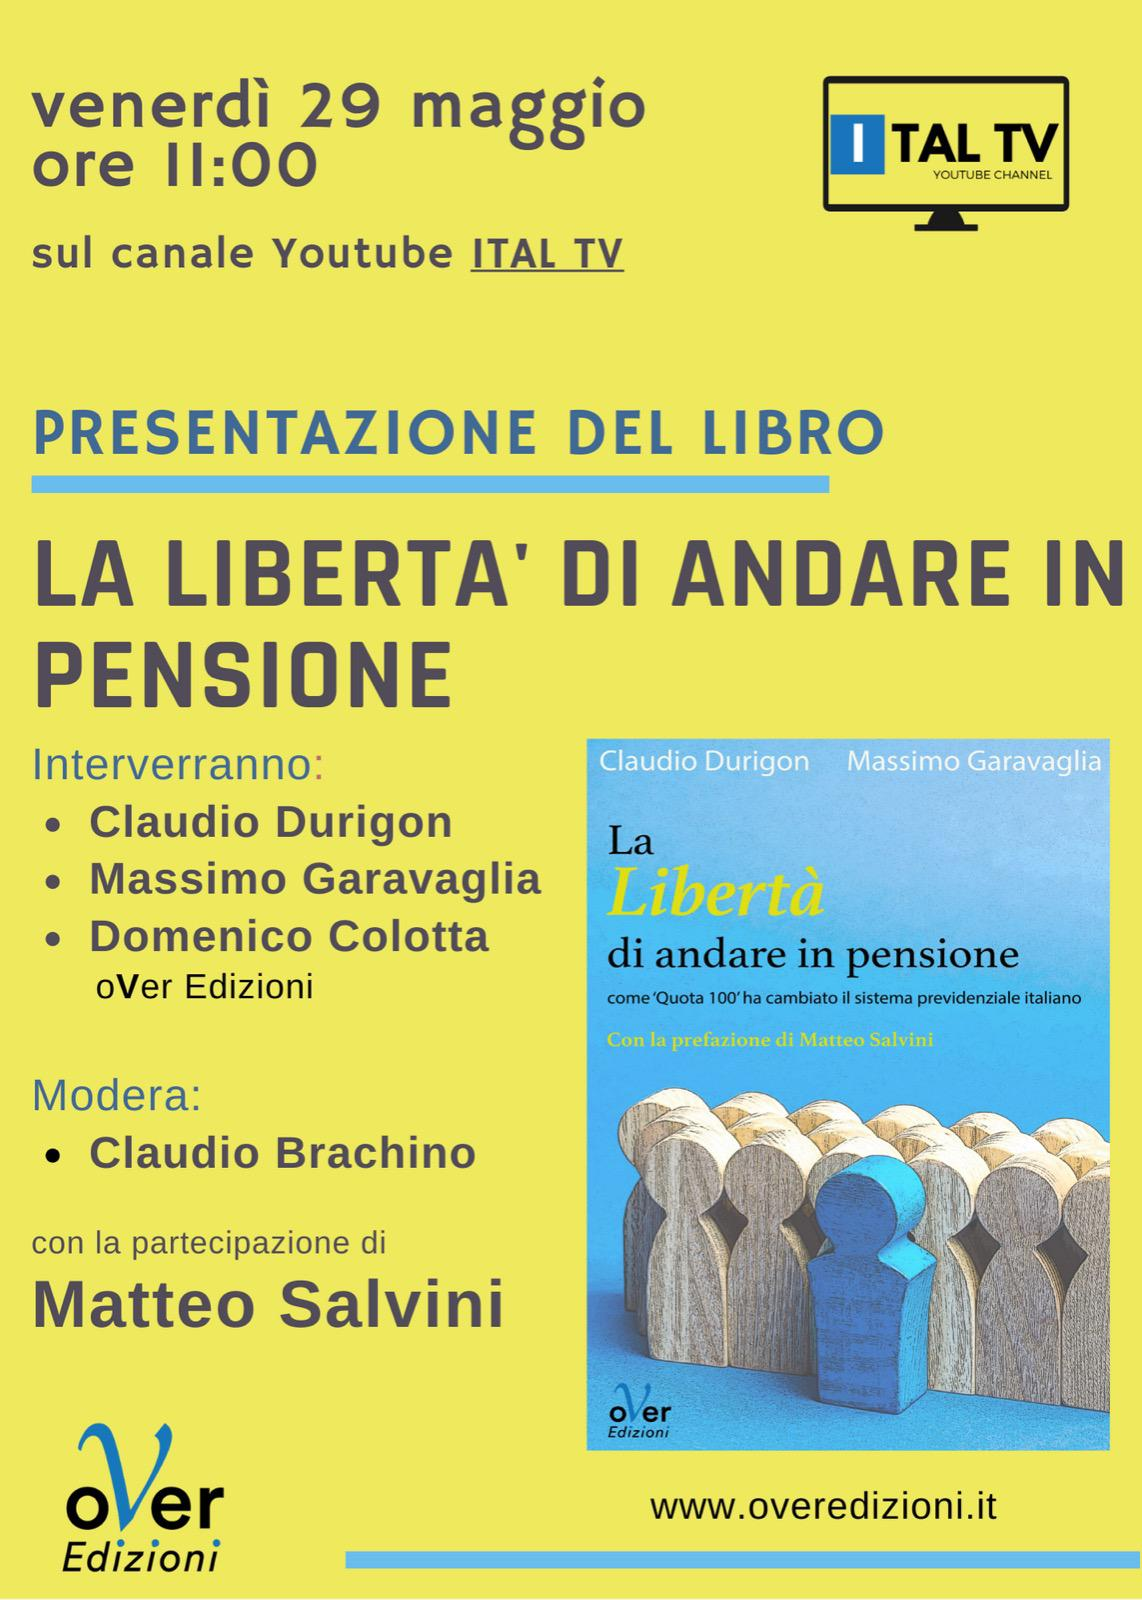 Su YouTube Ital TV il libro di Durigon e Garavaglia